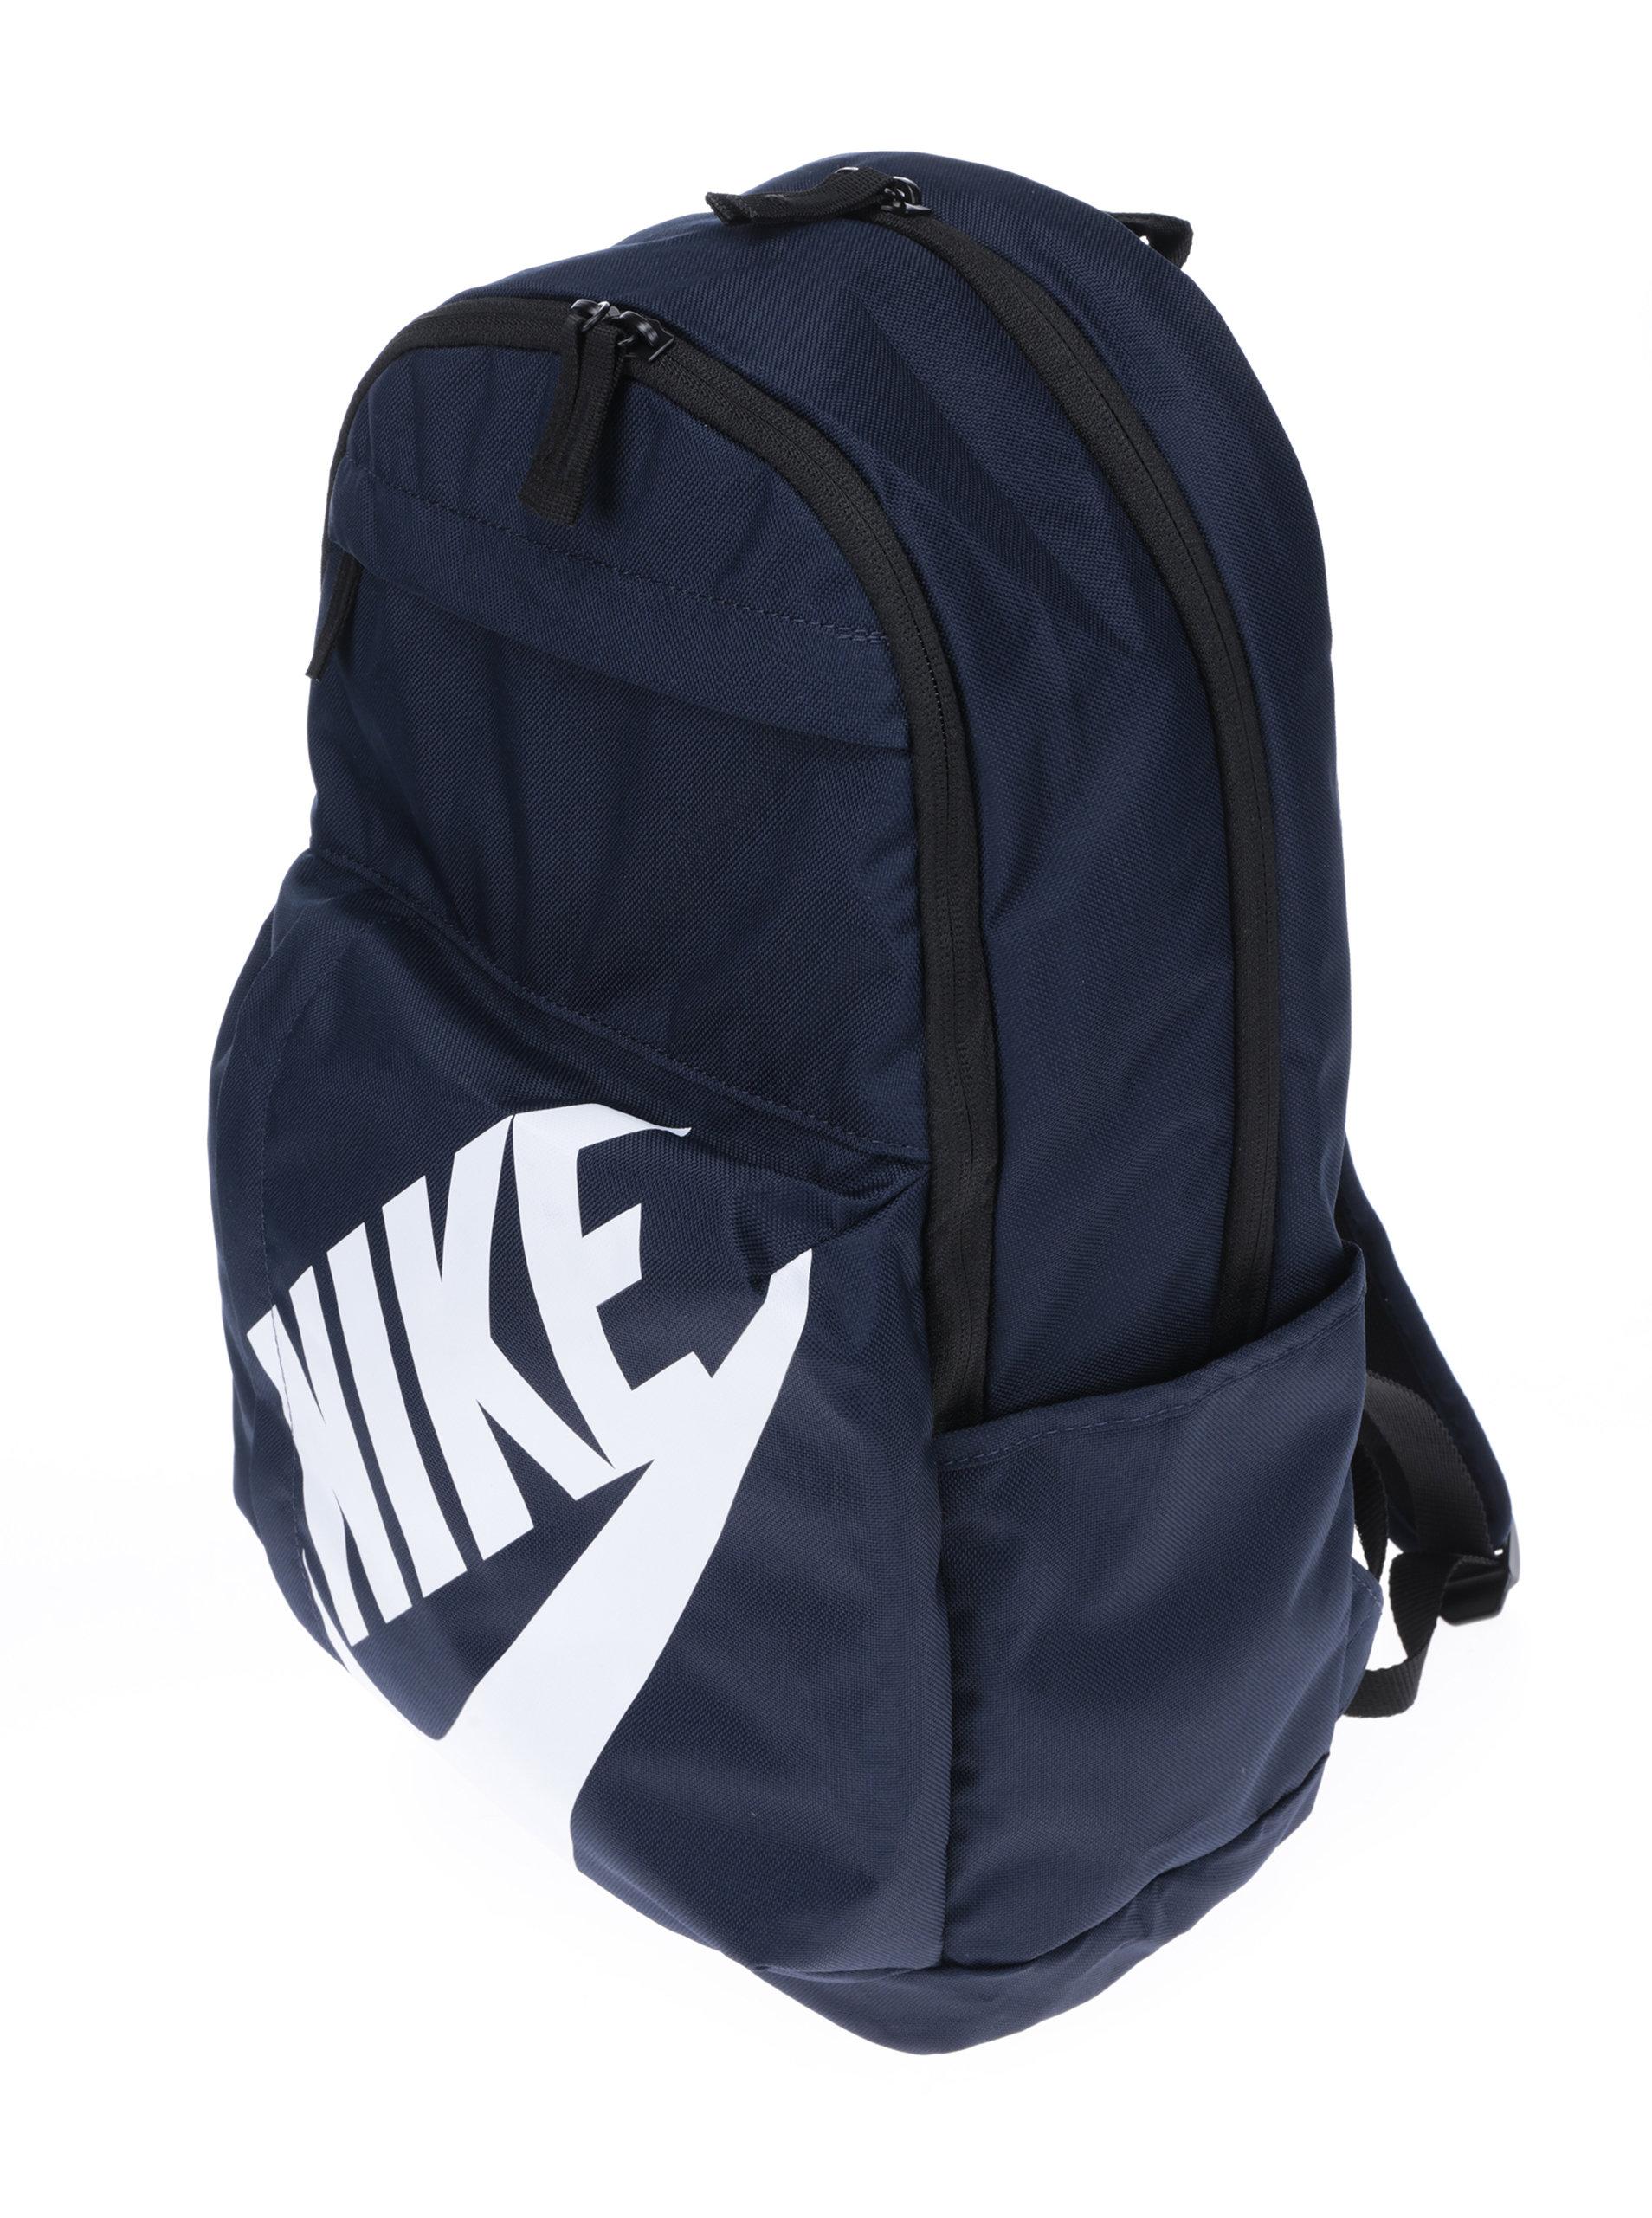 0e1d3ae90b Tmavomodrý batoh s potlačou Nike Elemental ...